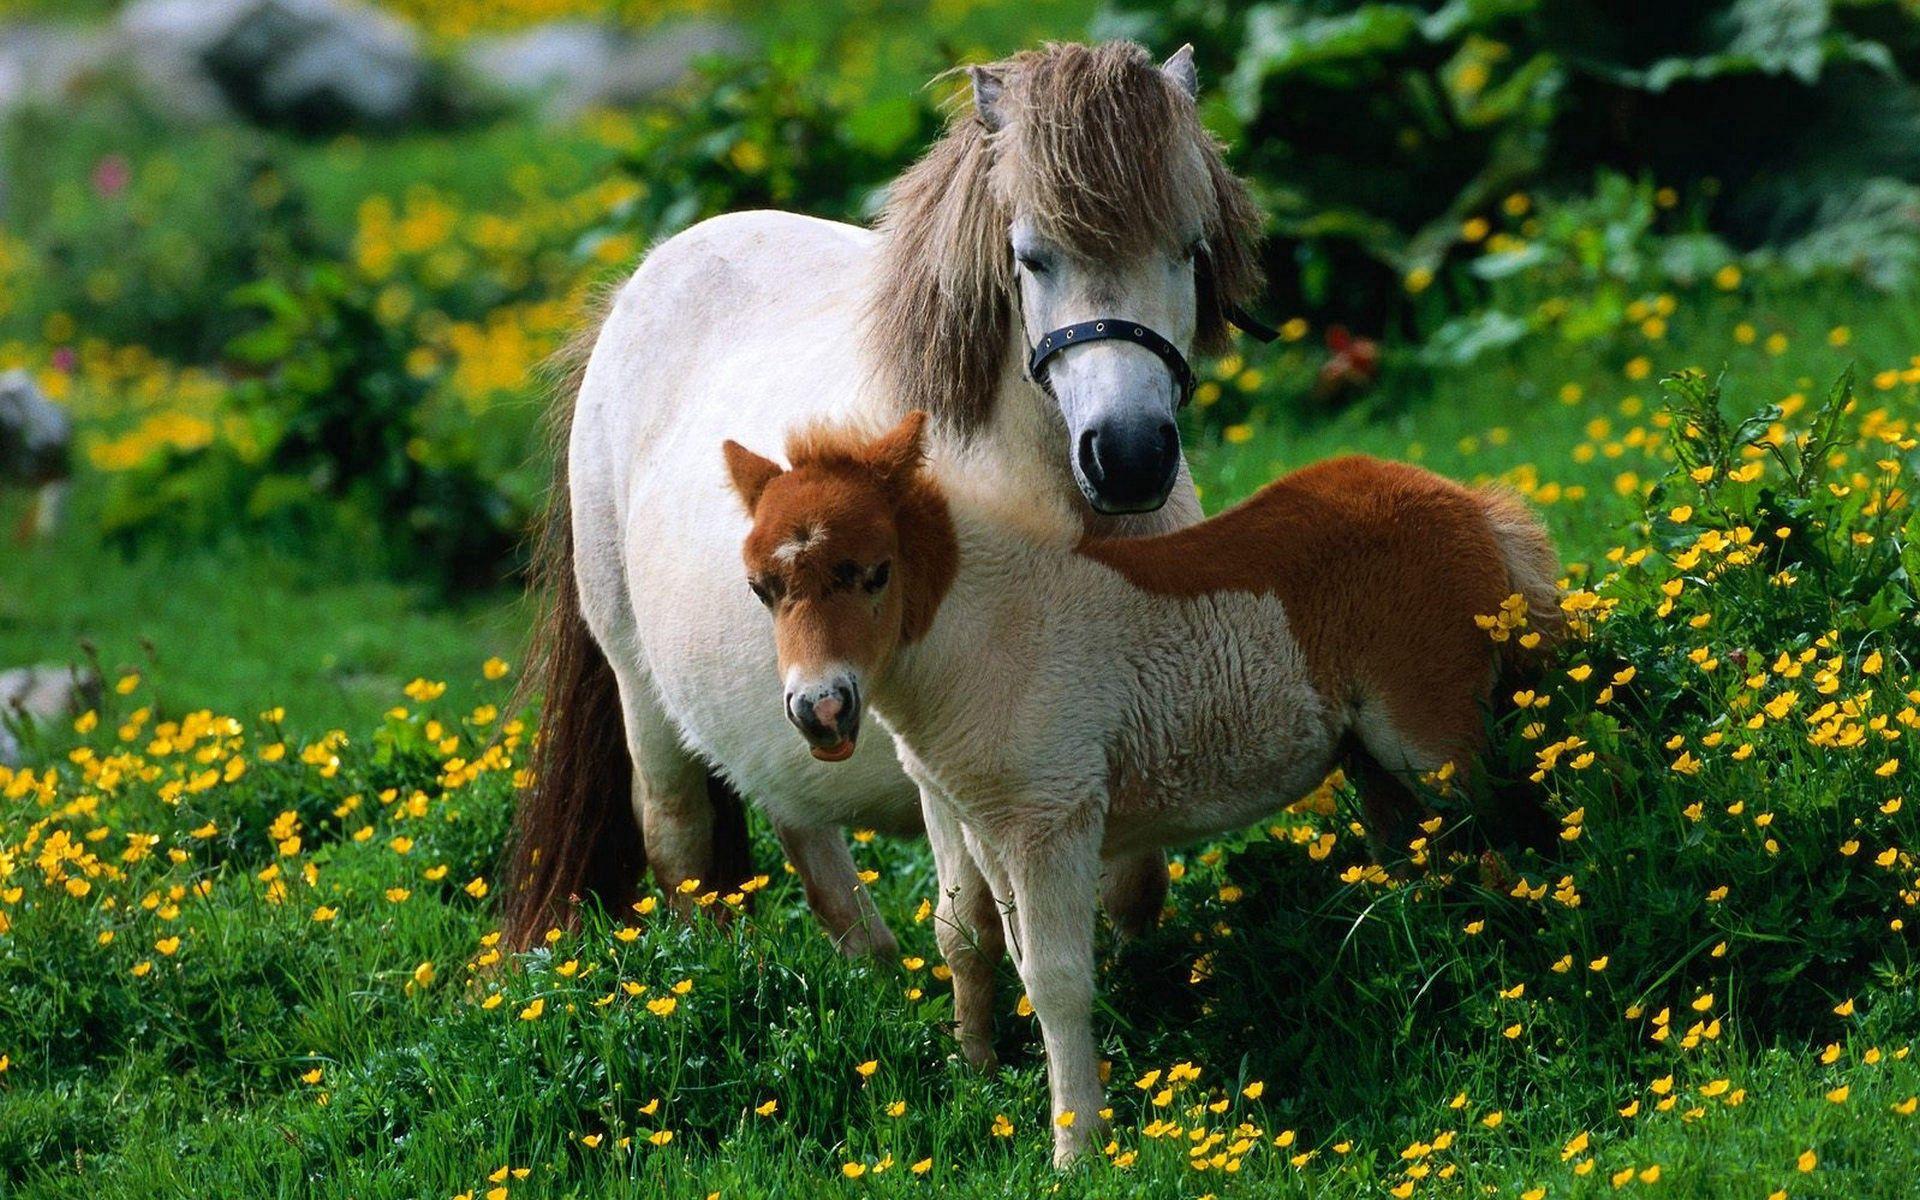 82242 Заставки и Обои Лошади на телефон. Скачать Лошади, Животные, Цветы, Трава, Прогулка, Семья, Жеребец картинки бесплатно